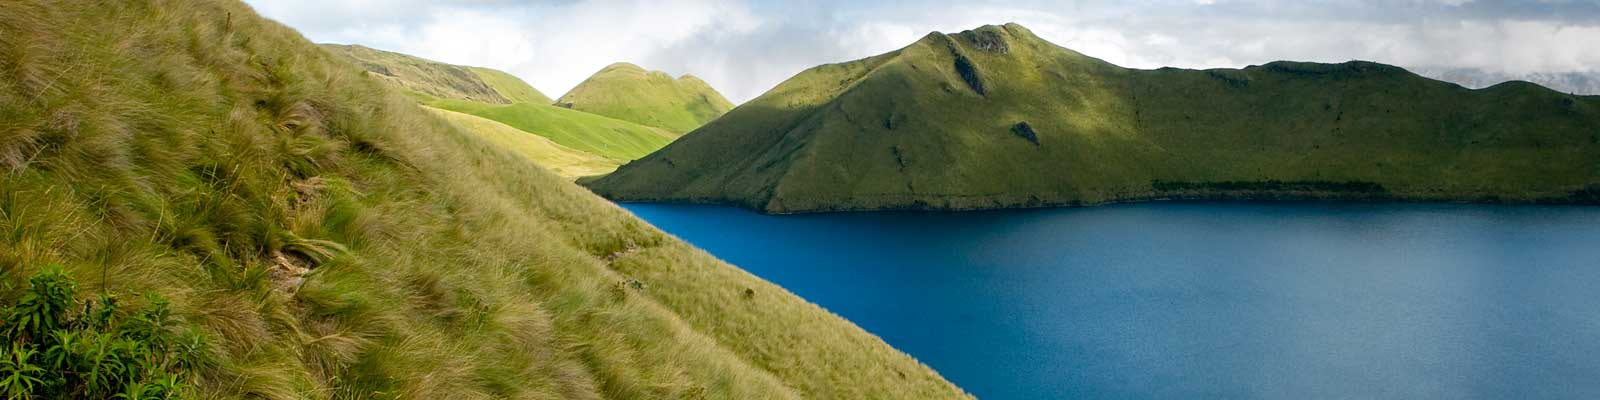 Ecuador Montanhas